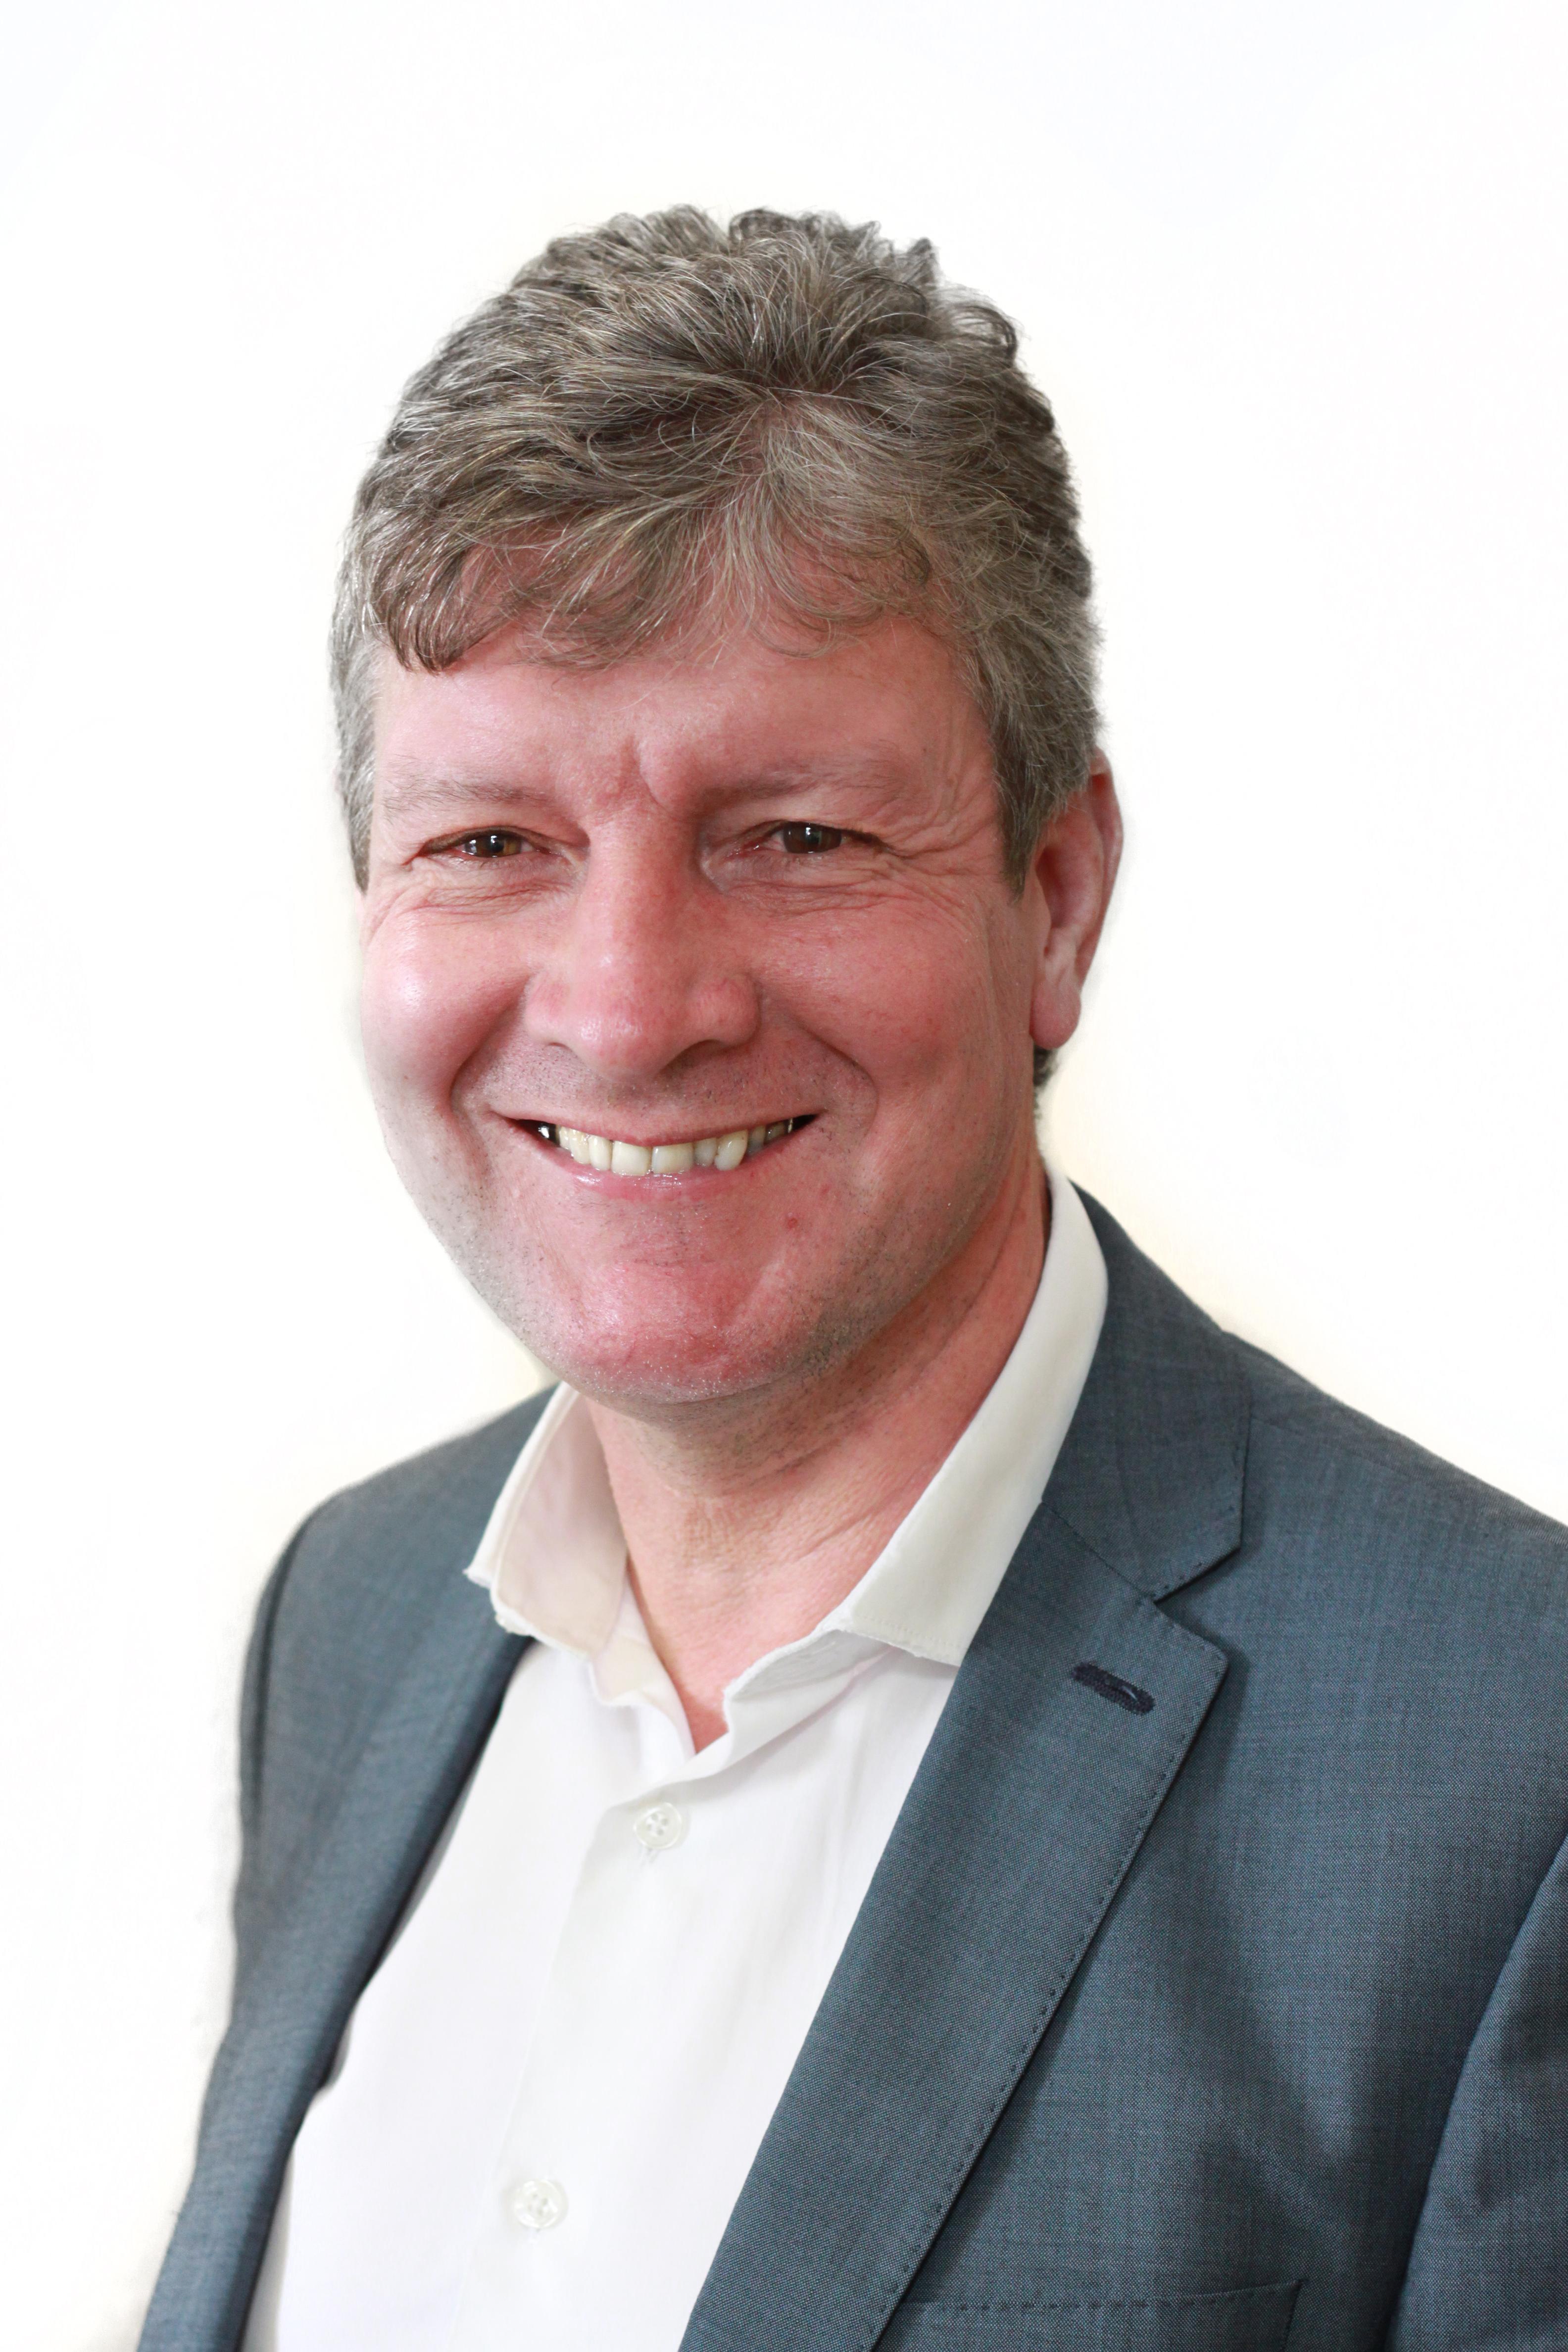 Chris Salter